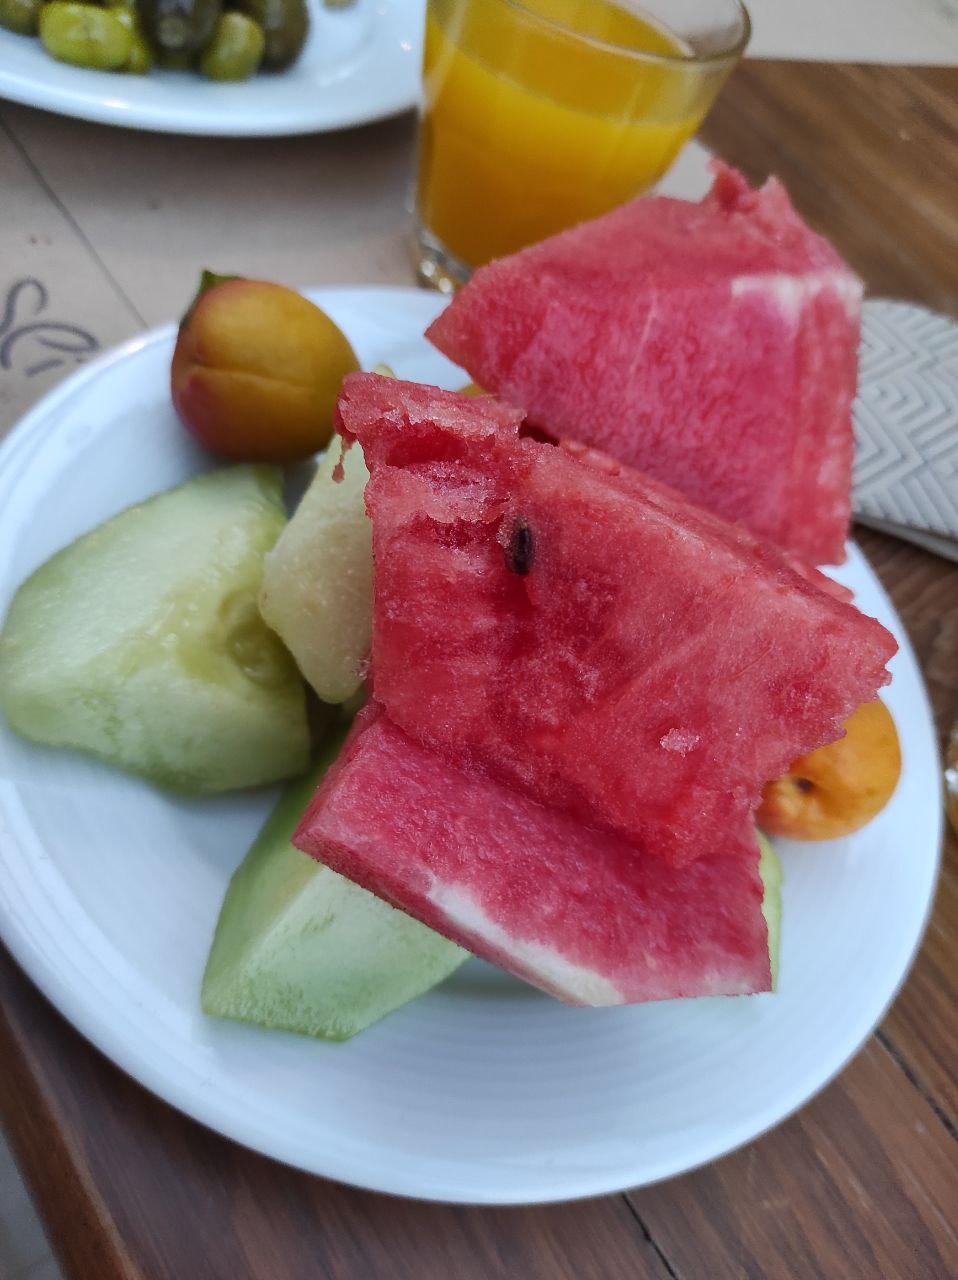 Фрукты: арбуз, абрикос, дыня. Ещё в отеле подают яблоки и мушмулу